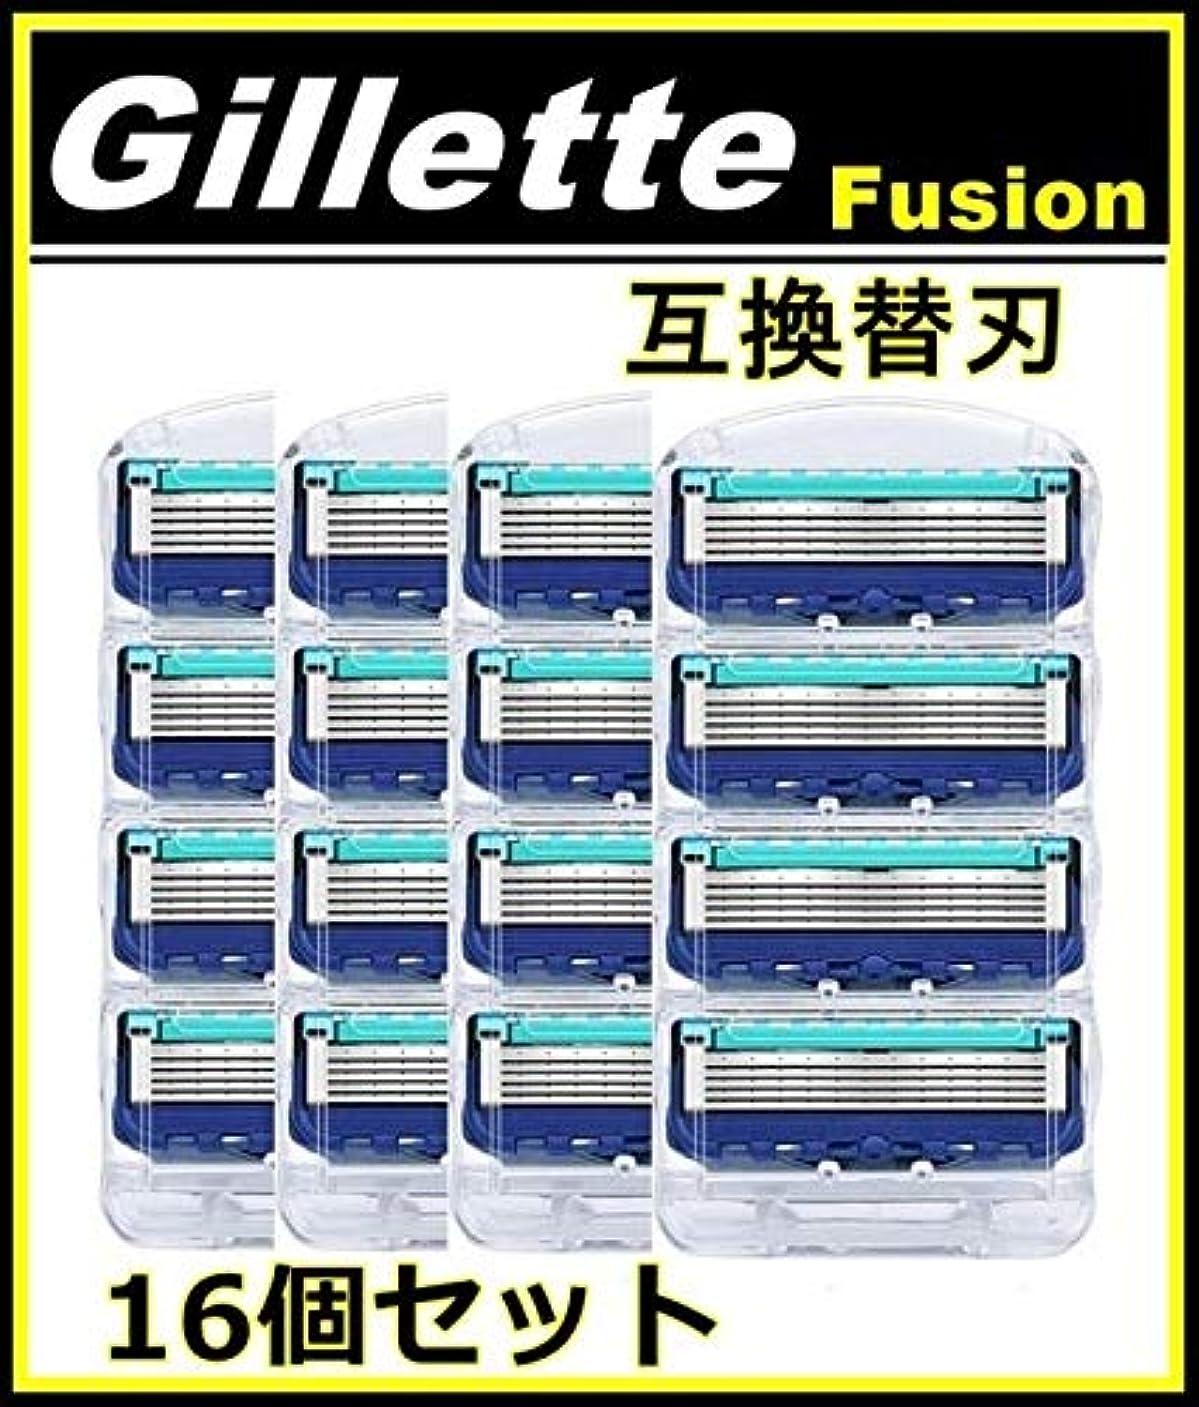 潜水艦グローうぬぼれジレット フュージョン用 替刃 互換品 4セット 16個 髭剃り Gillette Fusion プログライド パワー 替え刃 ブルー